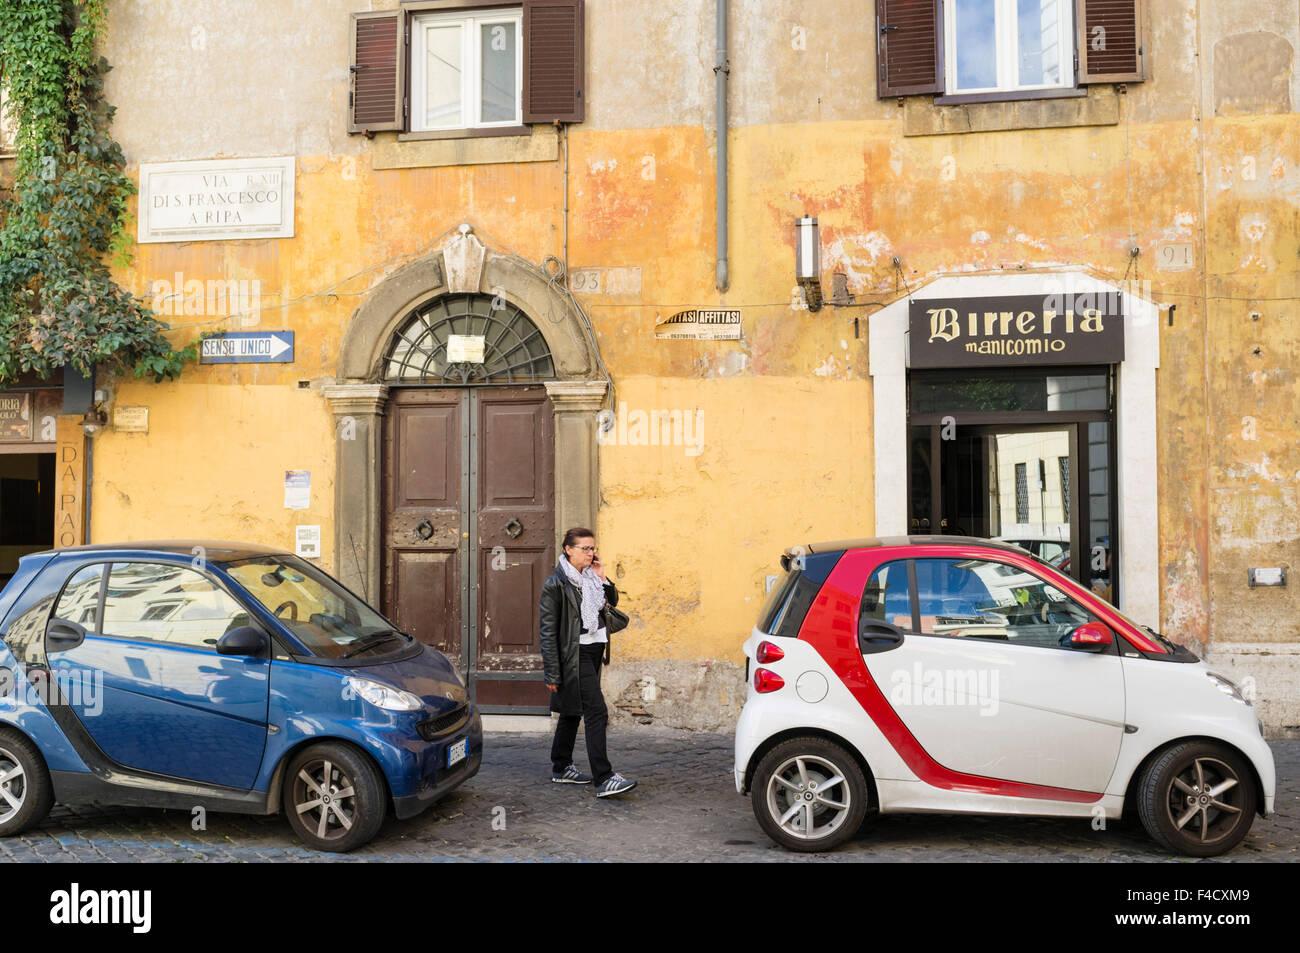 Escena callejera con el nuevo Mini Fiat automóviles en distrito de Trastevere. Roma, Italia Imagen De Stock